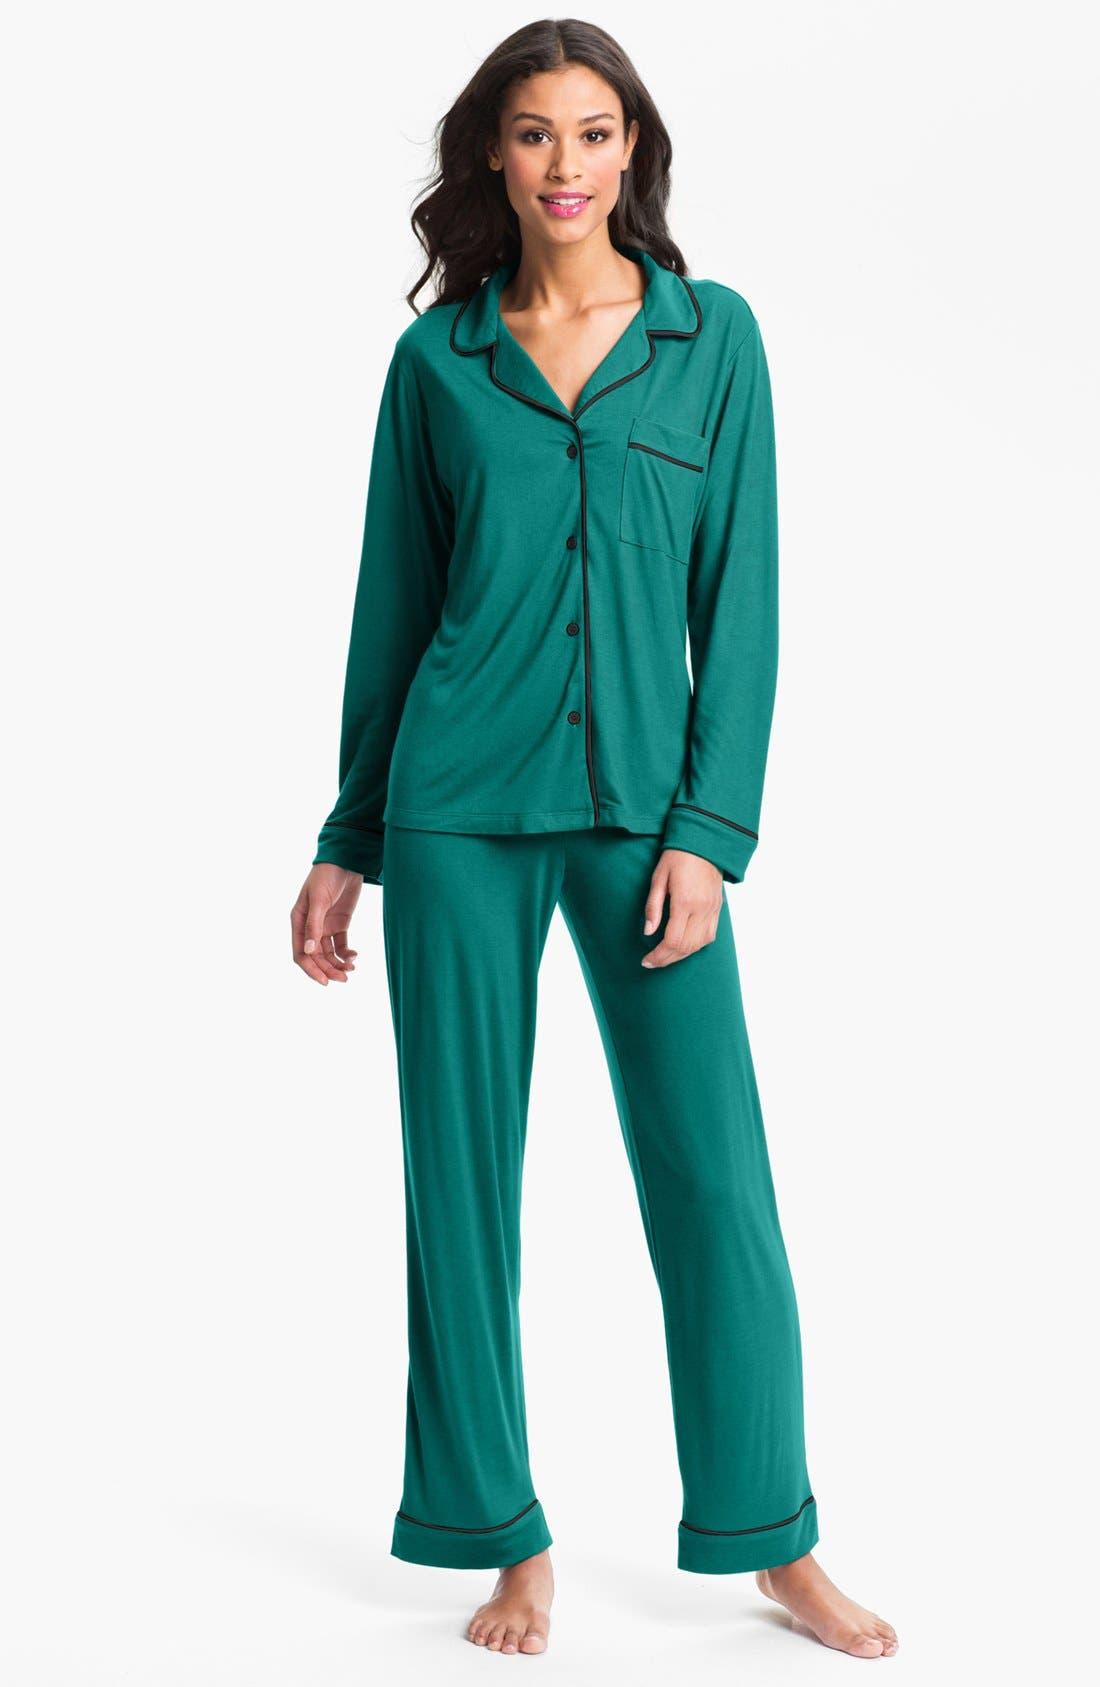 Alternate Image 1 Selected - Eberjey 'Giselle' Pajamas